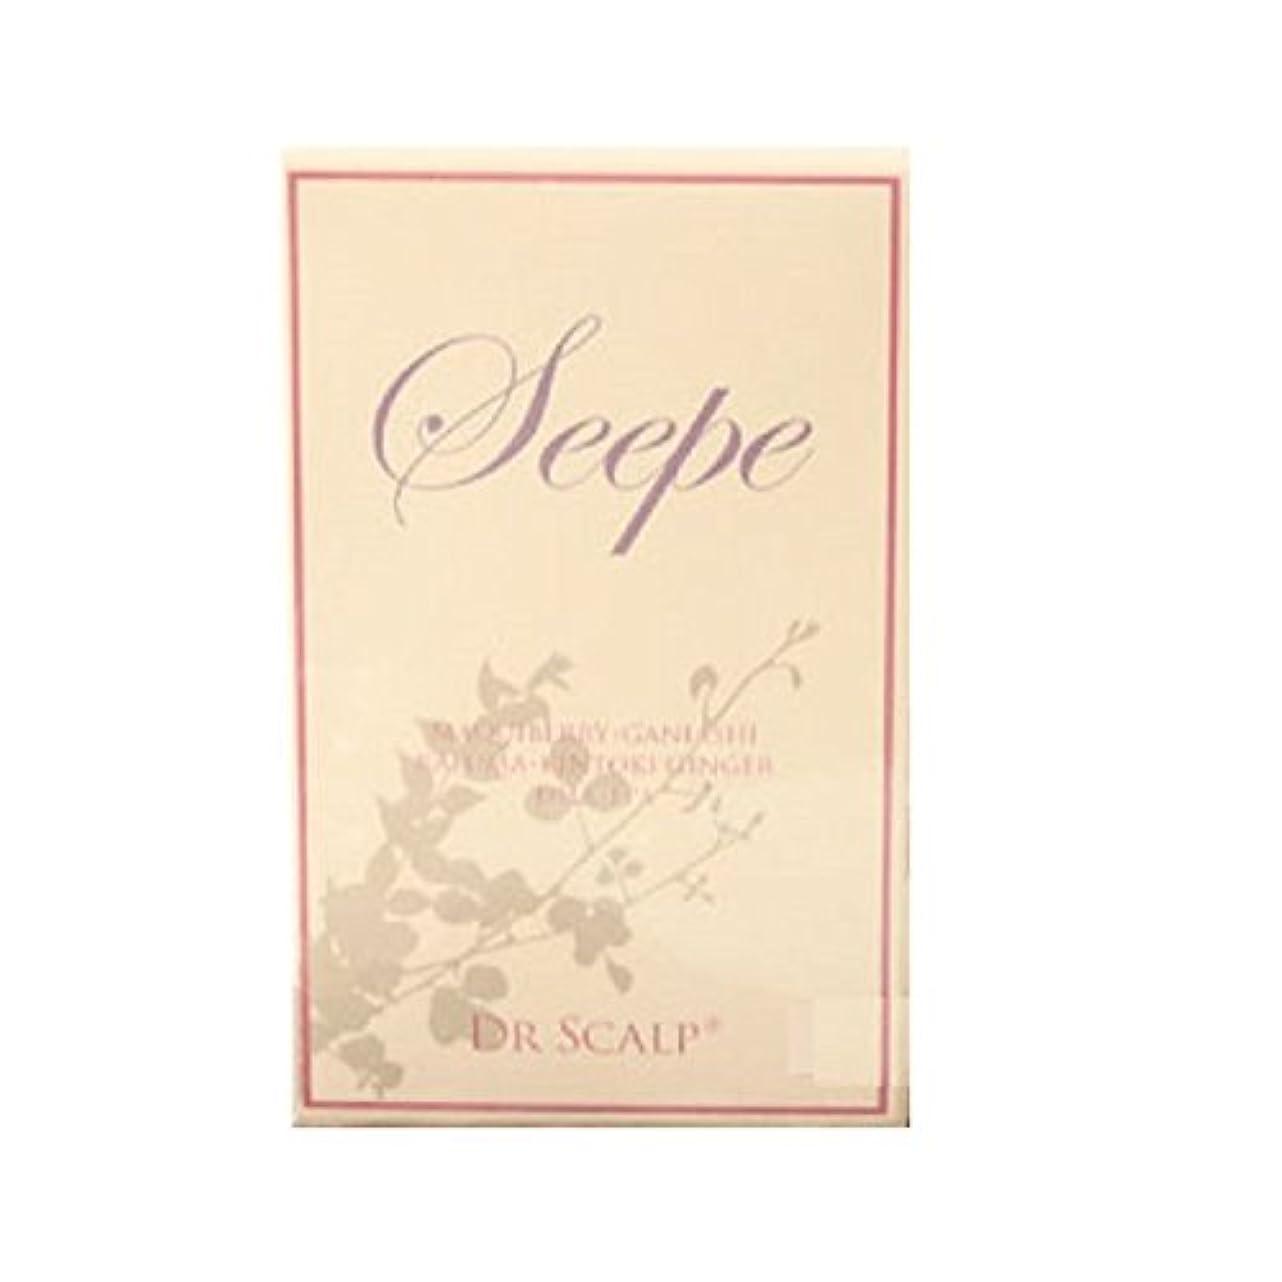 モニターギャップ何よりもドクタースカルプ DR.SCALP(ドクタースカルプ)SEEPE(シープ) (サプリメント)※プロジェクトサプリメントのリニューアル商品です《60粒》